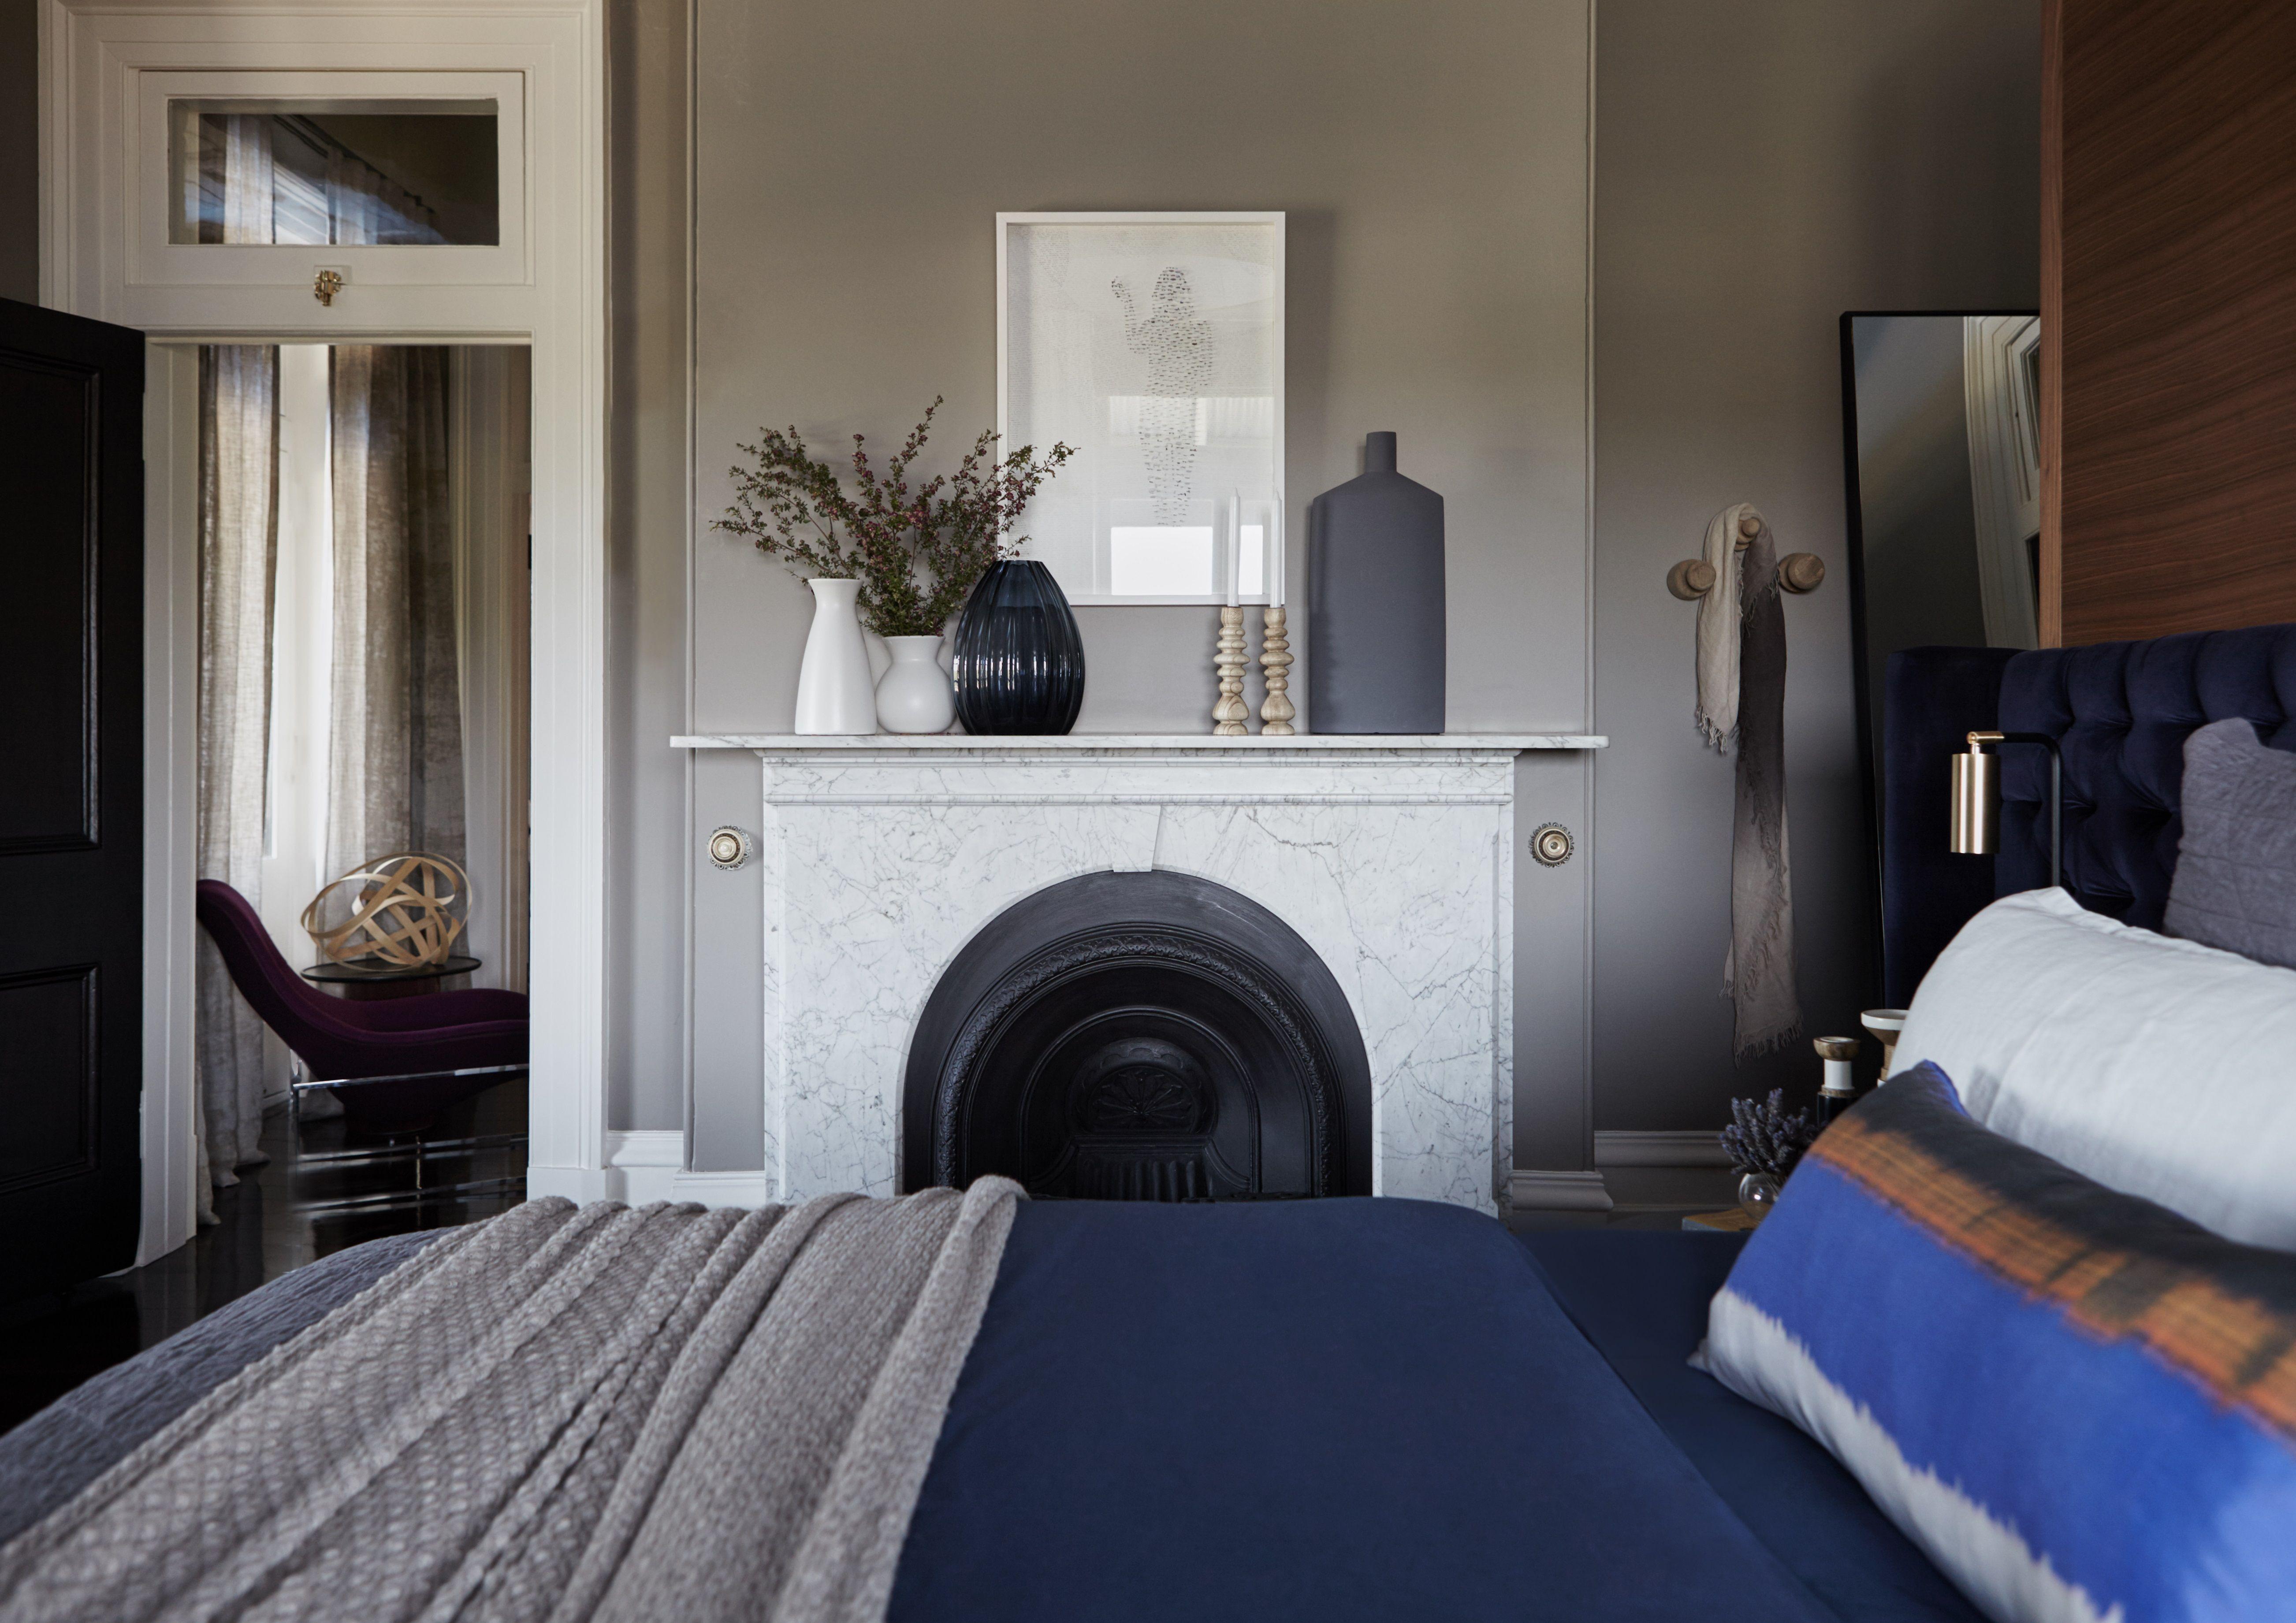 Home Interior PaintInterior DesignBrisbane